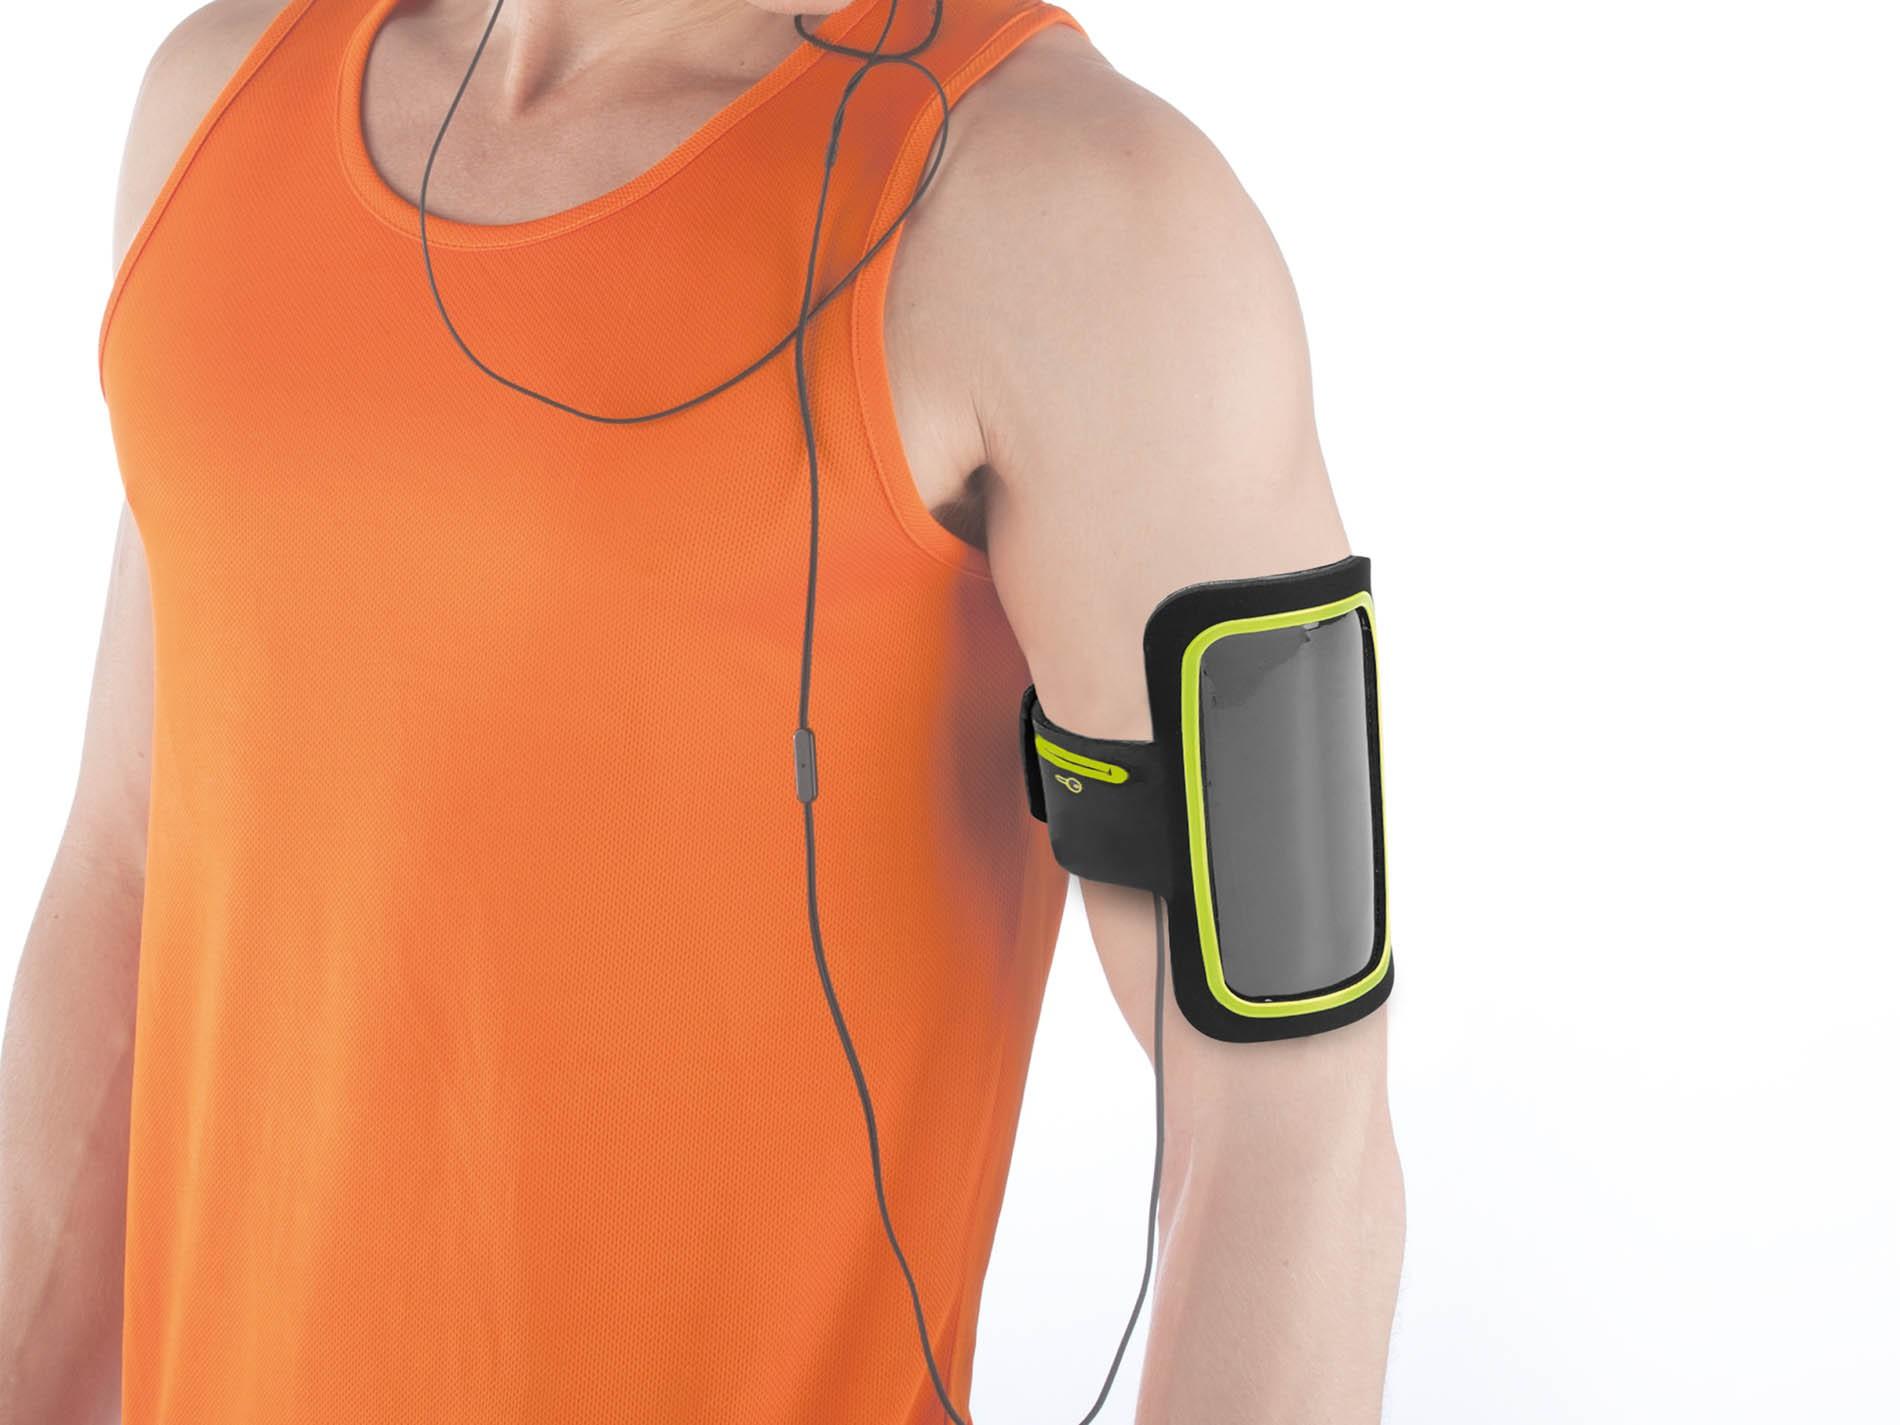 Porta cellulare da braccio con contorno colorato kimood - Porta ipod da braccio ...